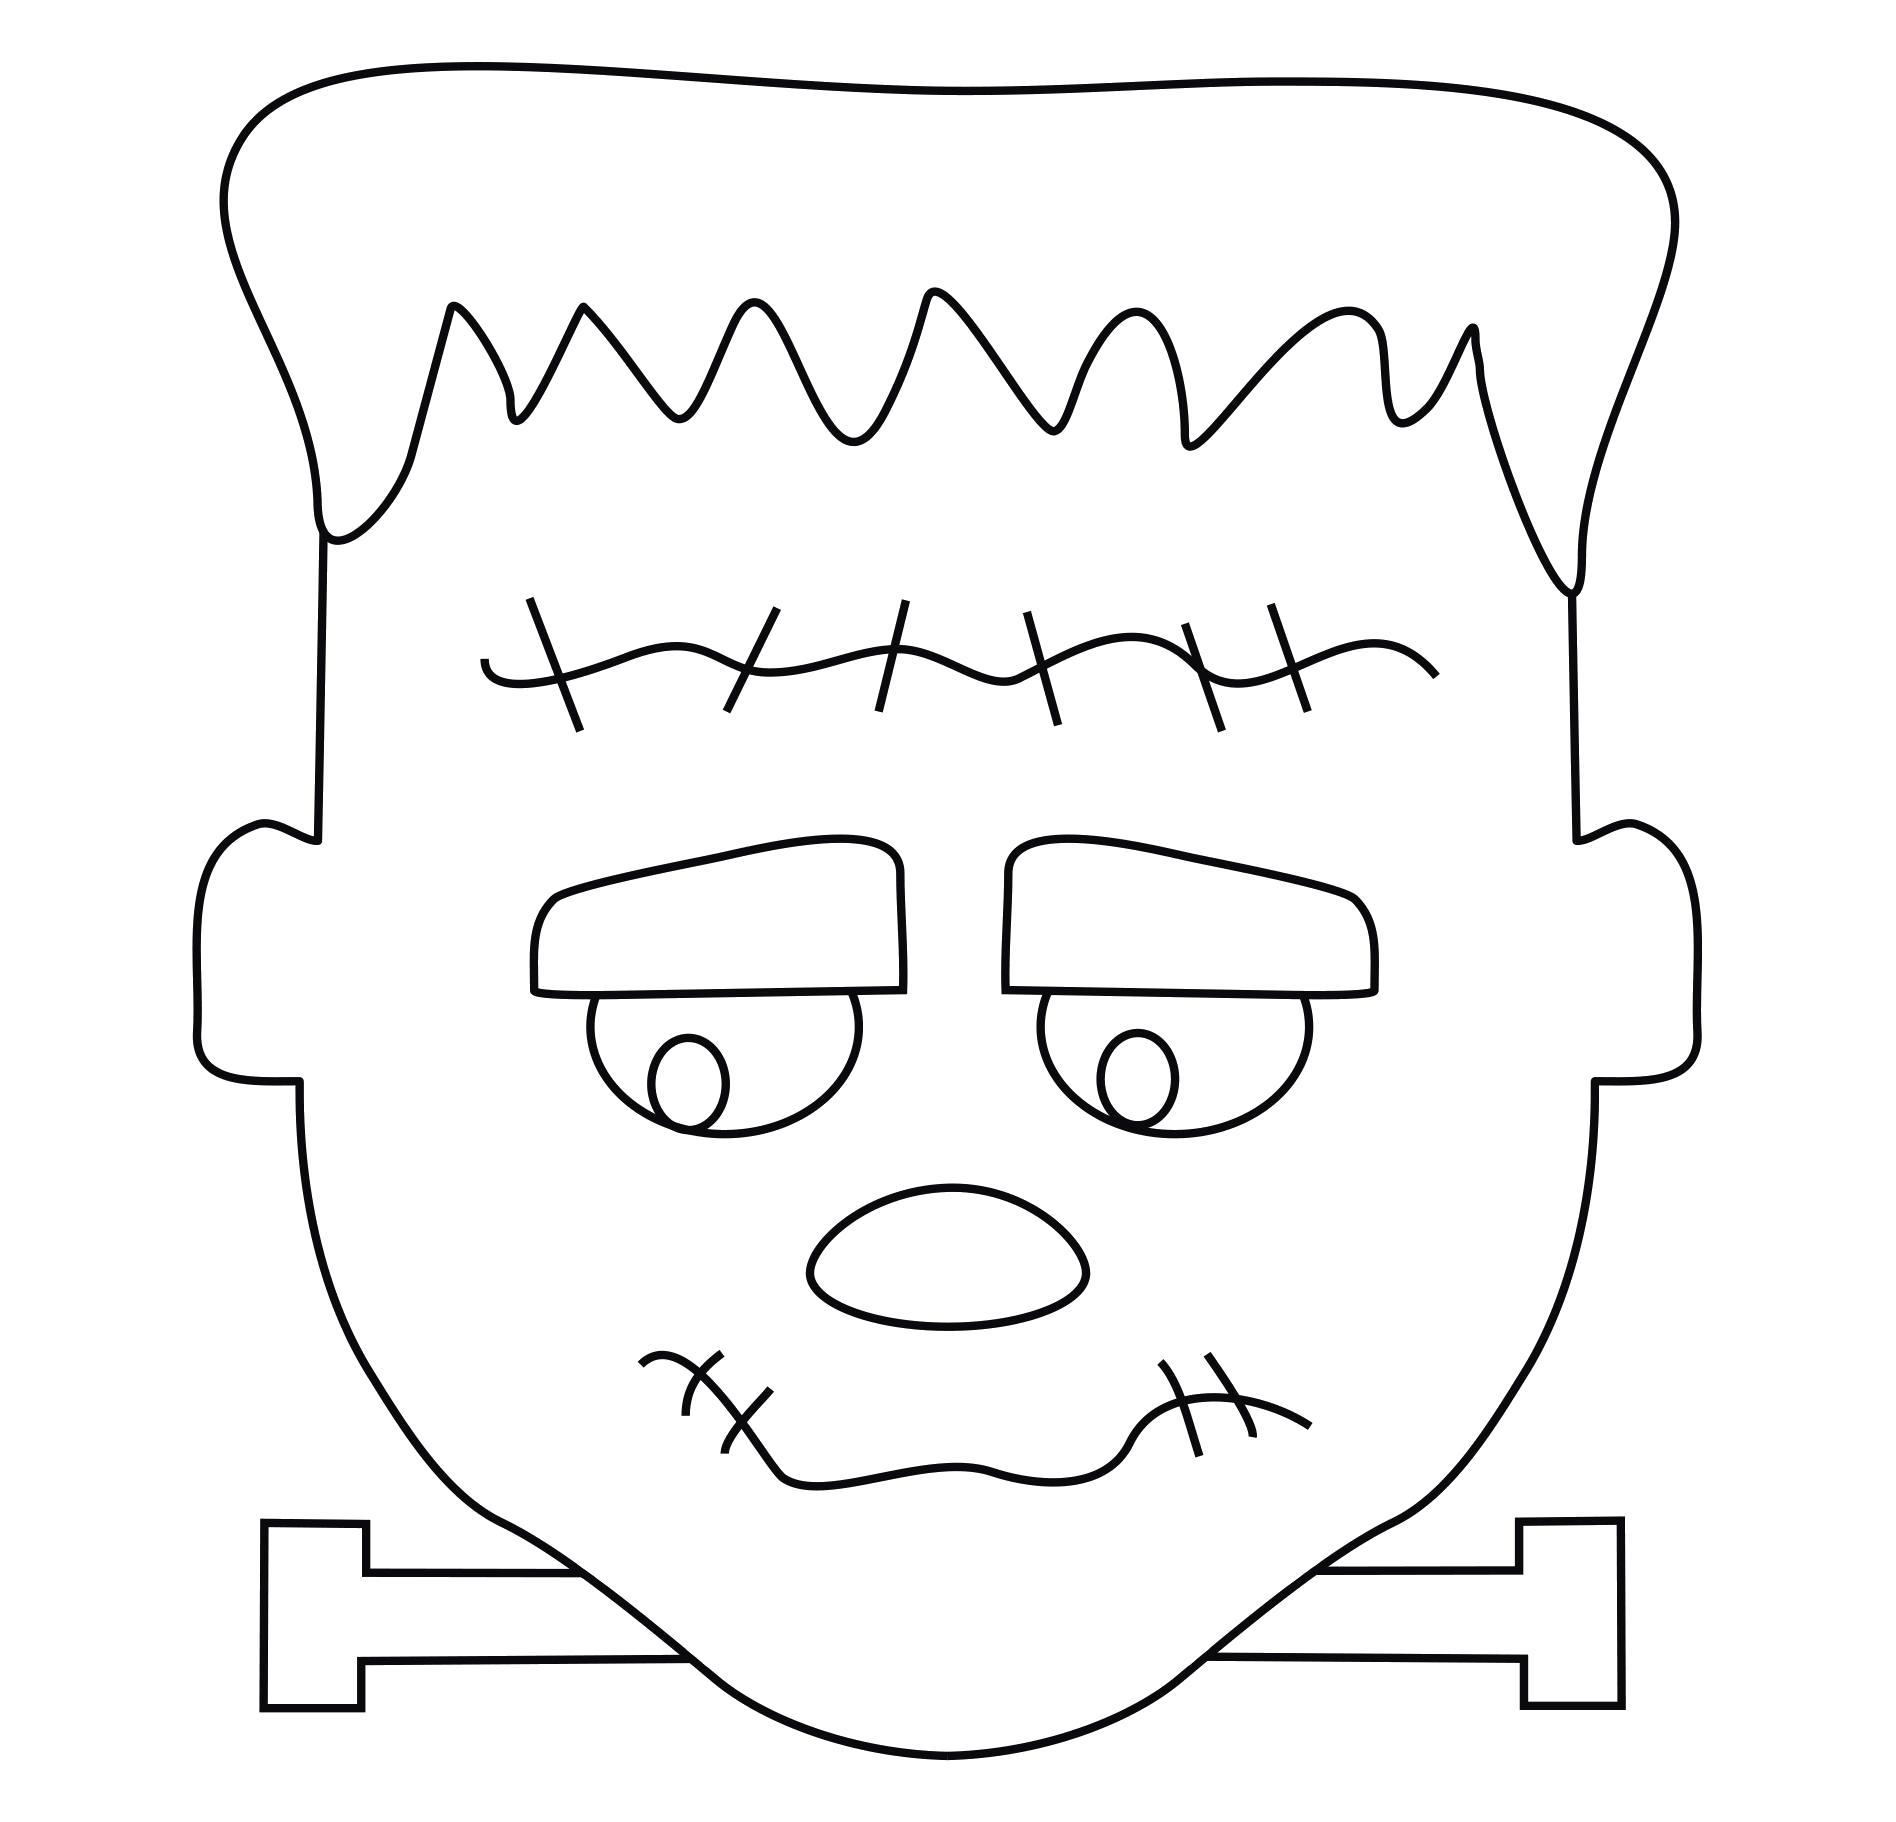 Раскраска Франкенштейн. Скачать ужасы, чудовище.  Распечатать Хэллоуин